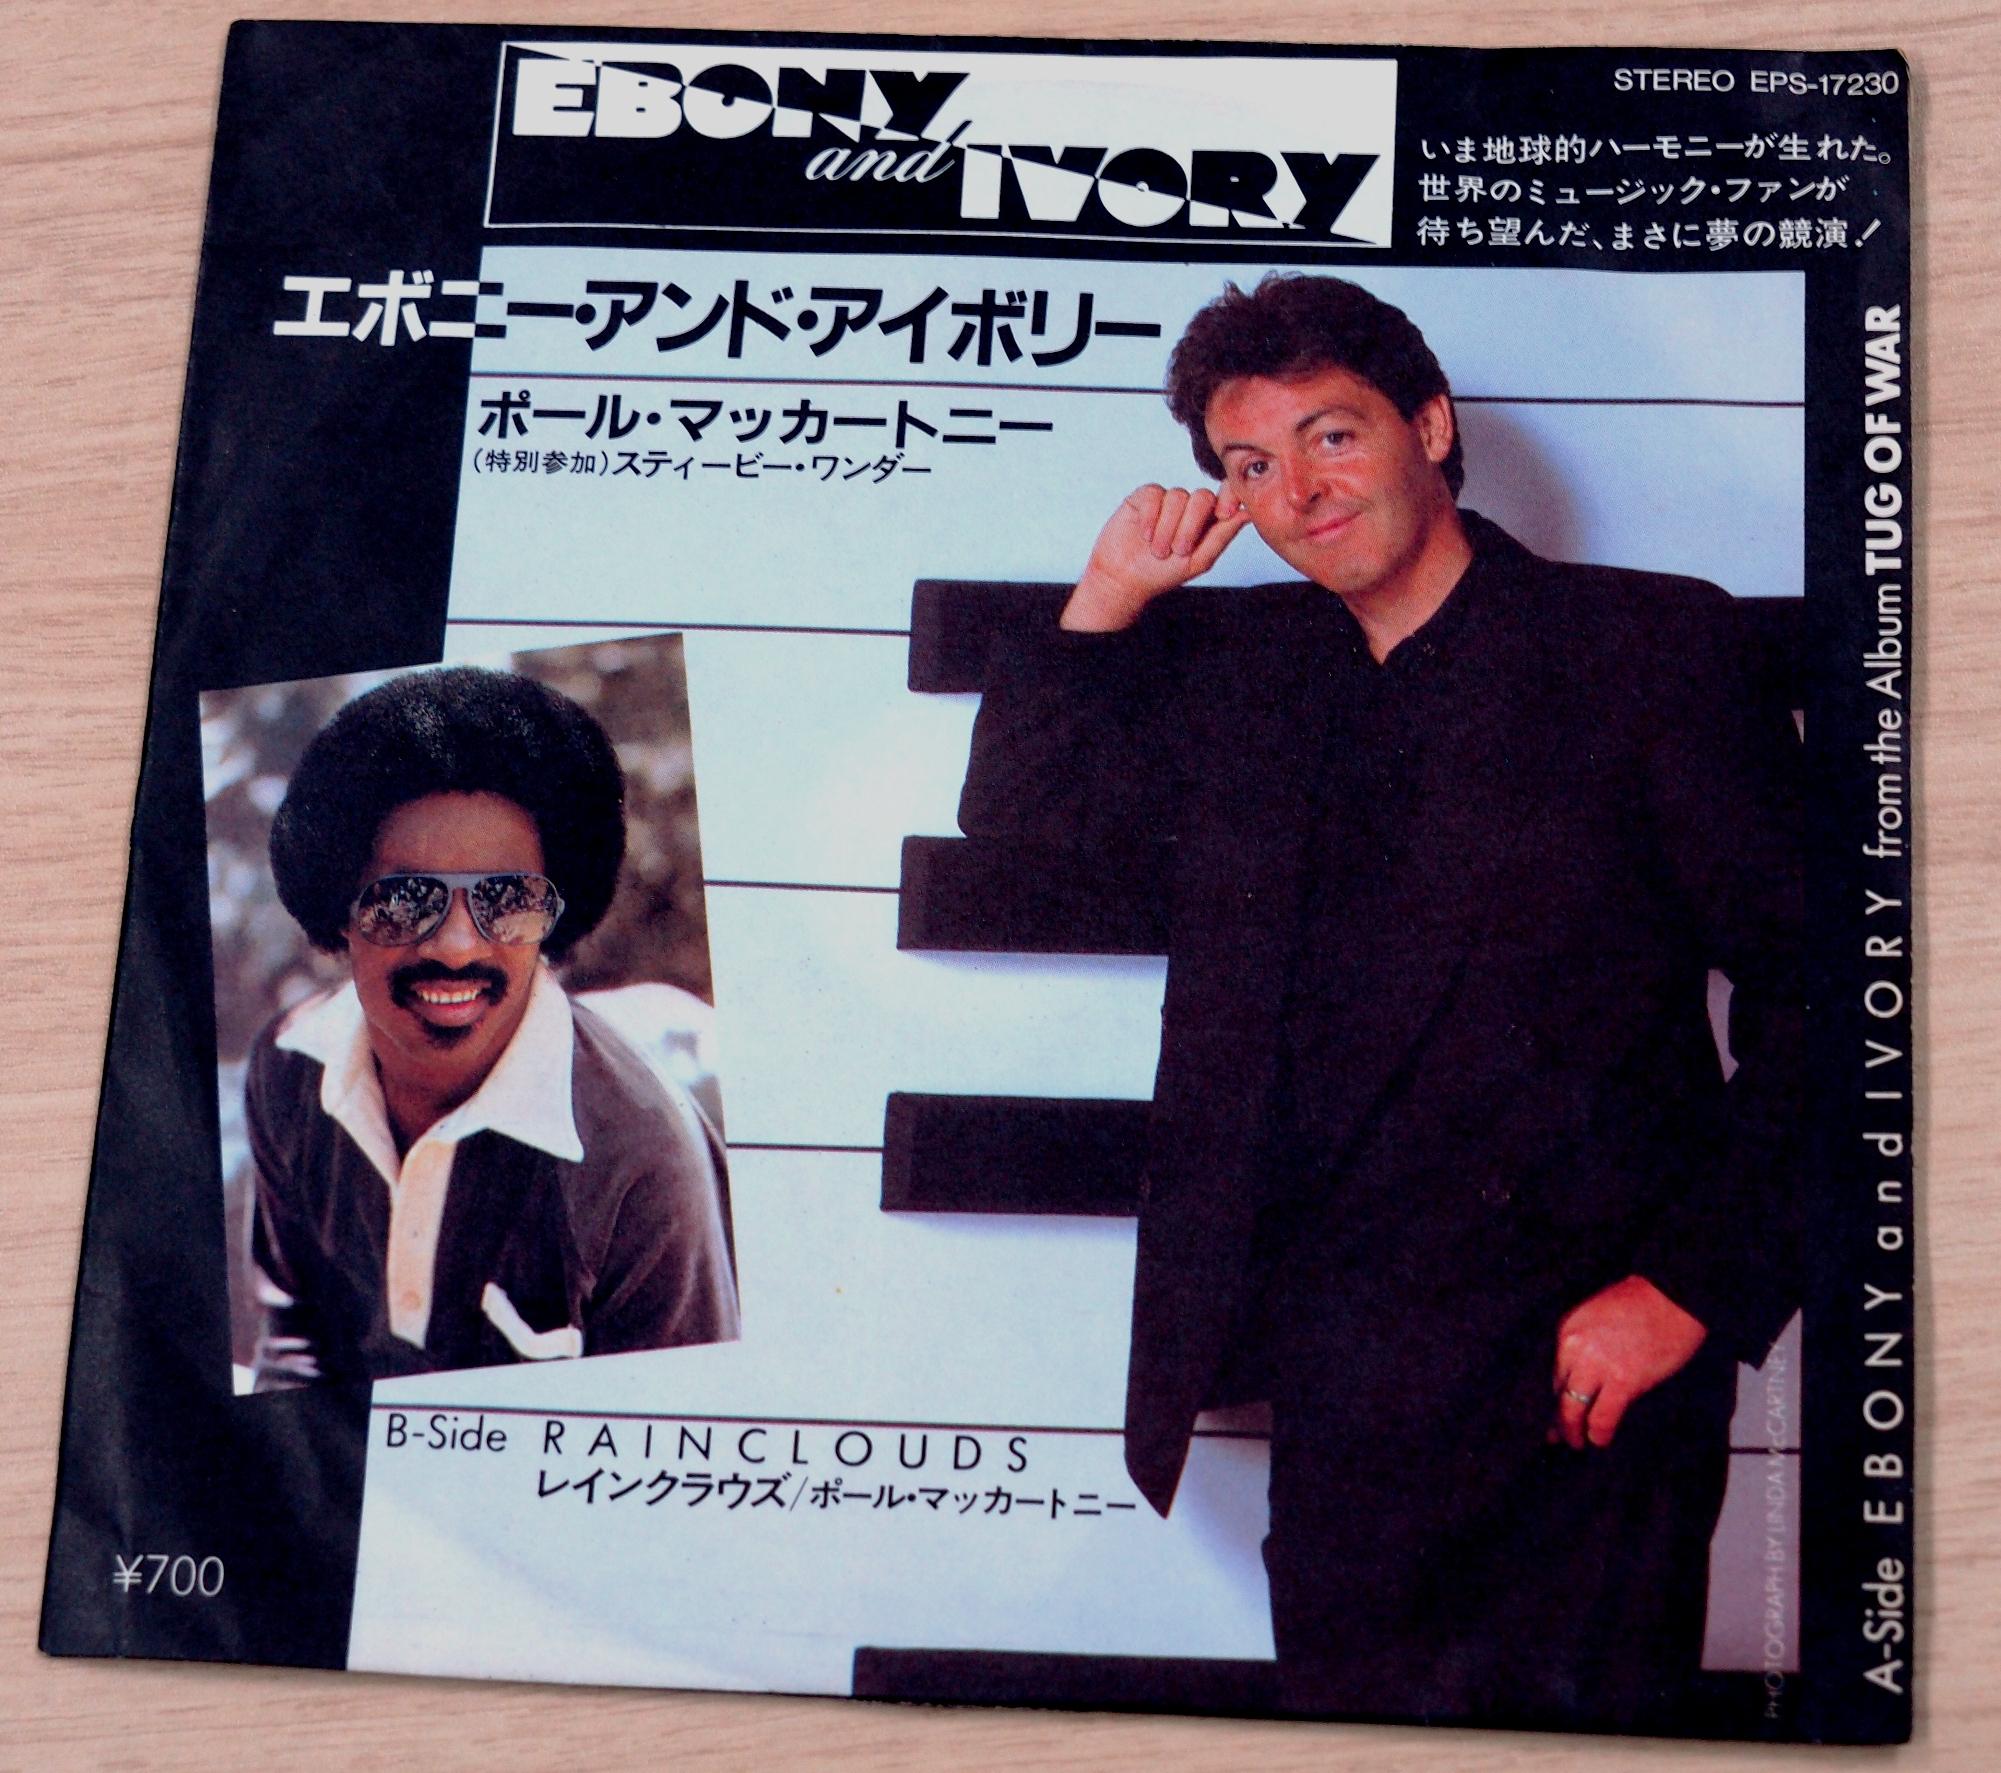 スティービー・ワンダーと共演した「エボニー・アンド・アイボリー」の日本国内シングル盤。